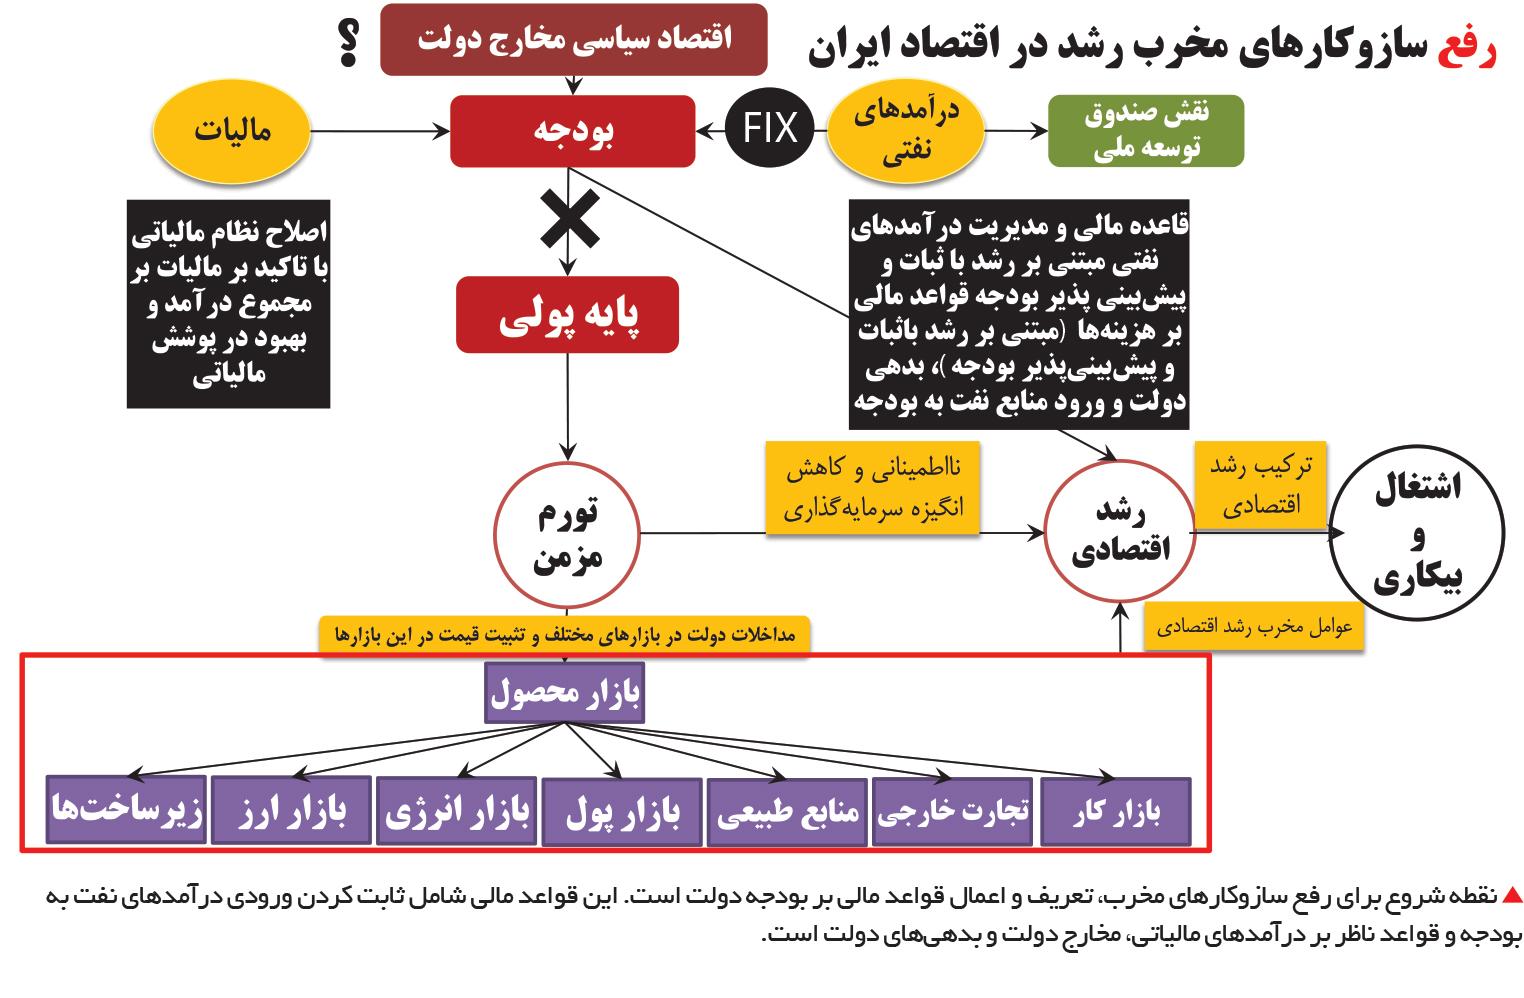 تجارت فردا-  رفع سازوکارهای مخرب رشد در اقتصاد ایران1